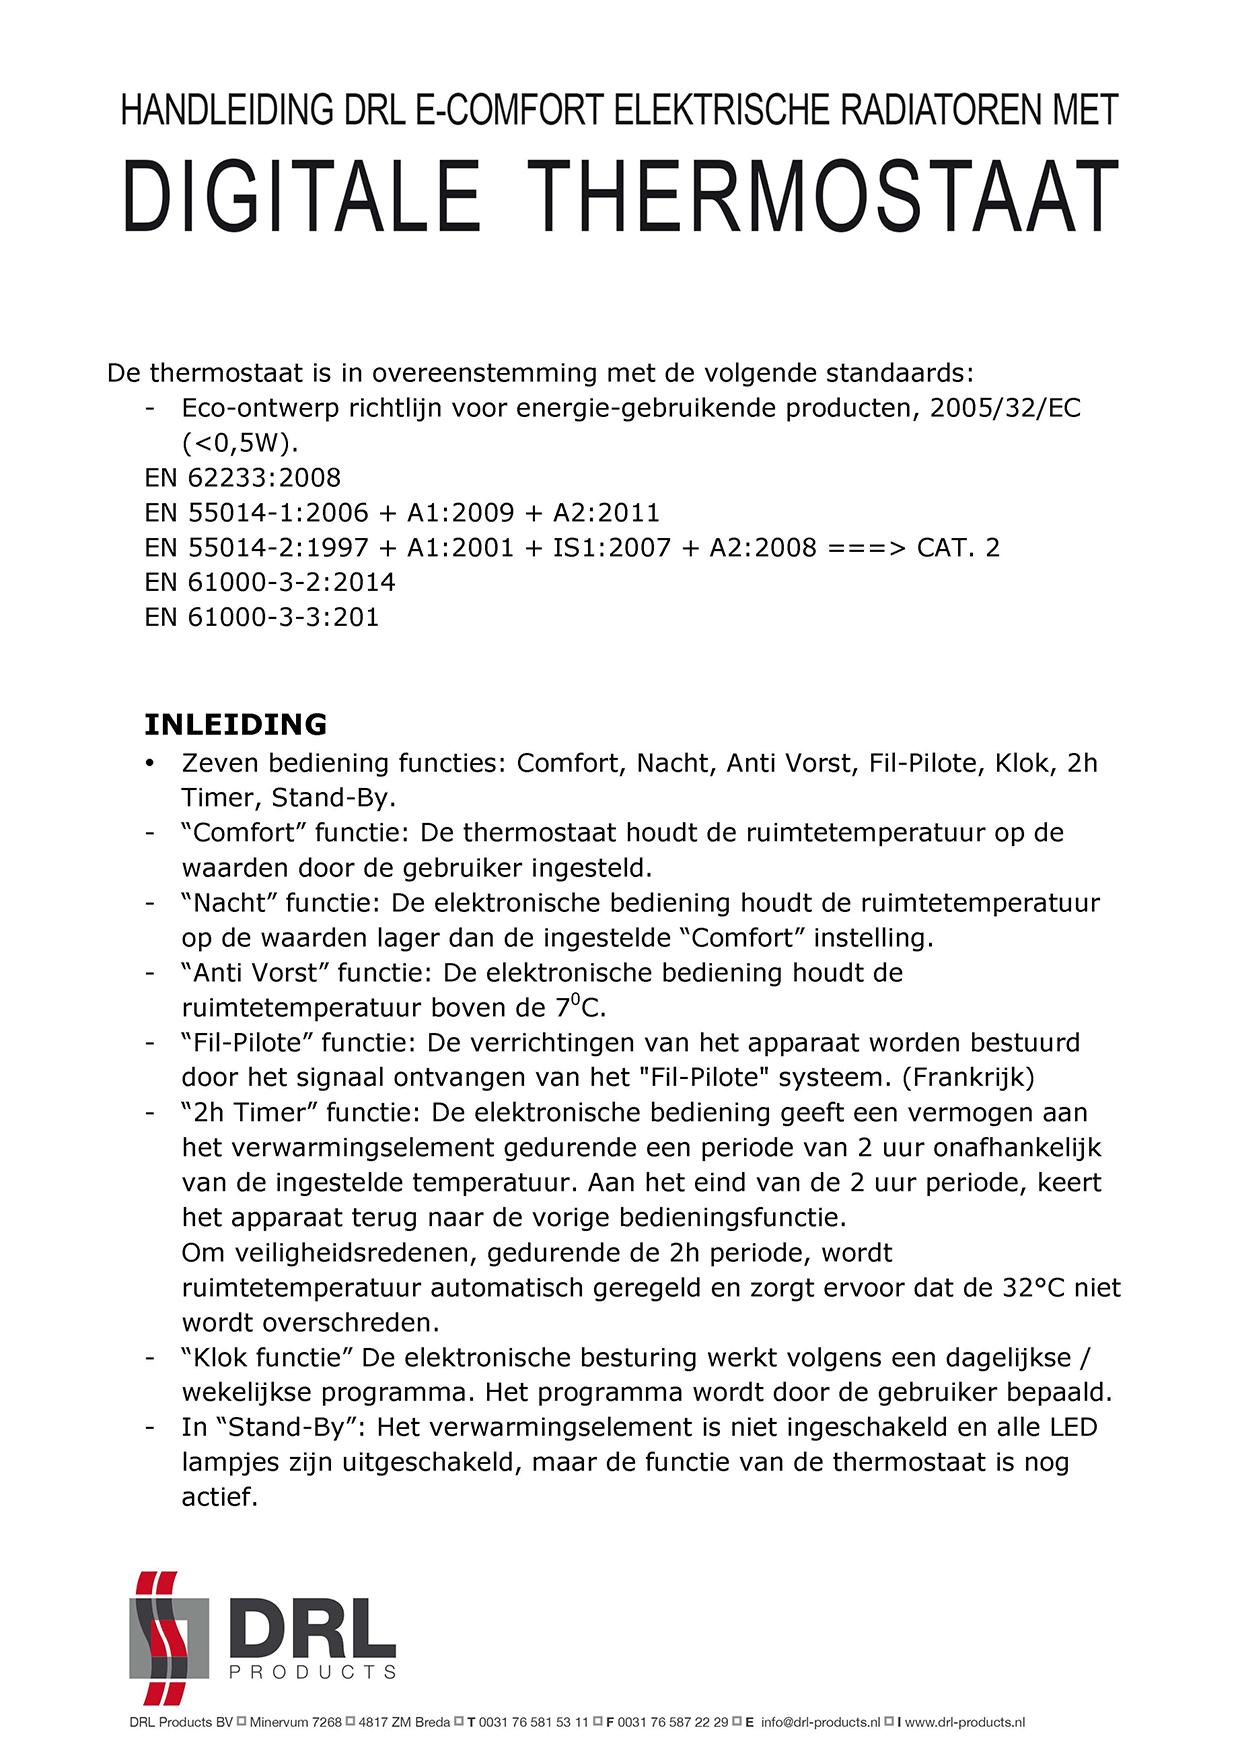 H_70_DRL_E_Comfort_Claudia_DIGITAAL_Thermostaat_GebruikersInstructie_NL_Pagina_02_WEB